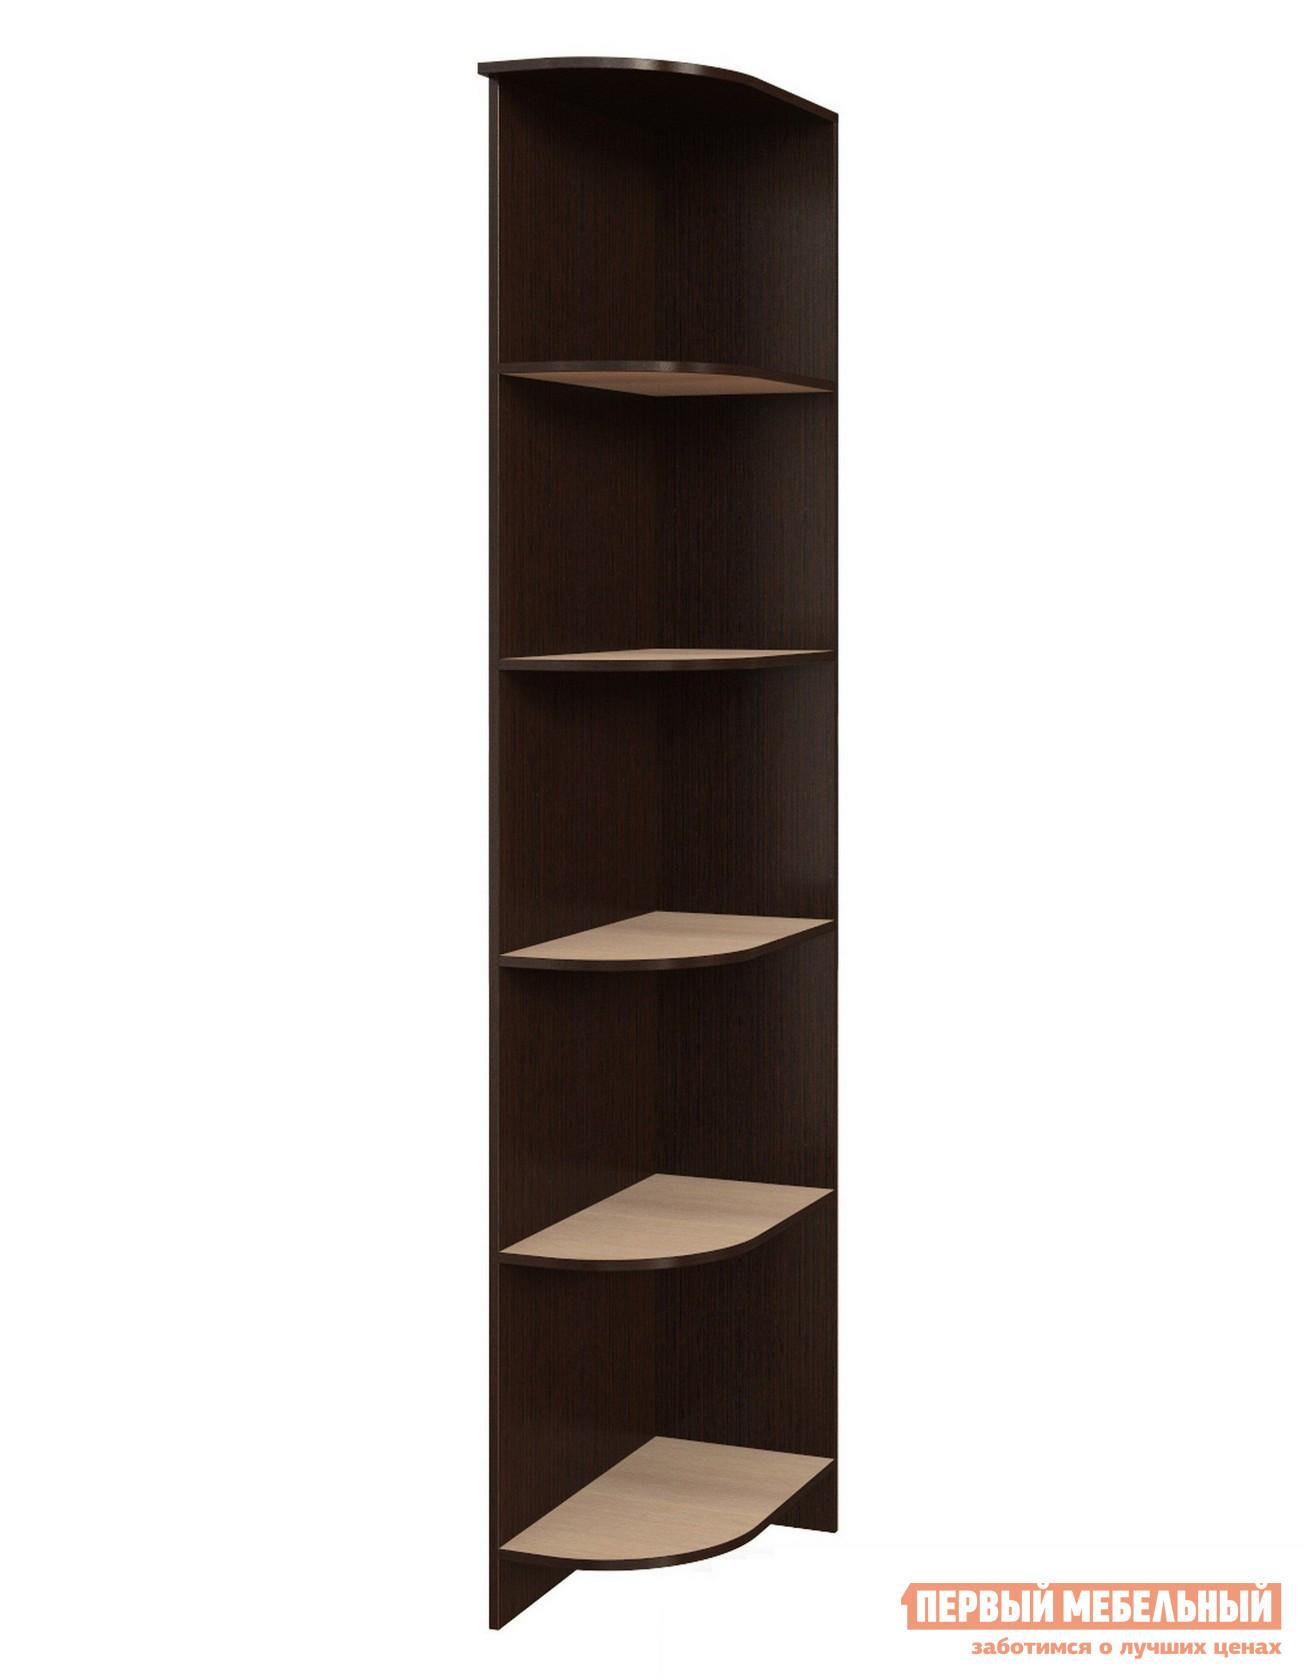 Стеллаж Первый Мебельный Стеллаж угловой Белла